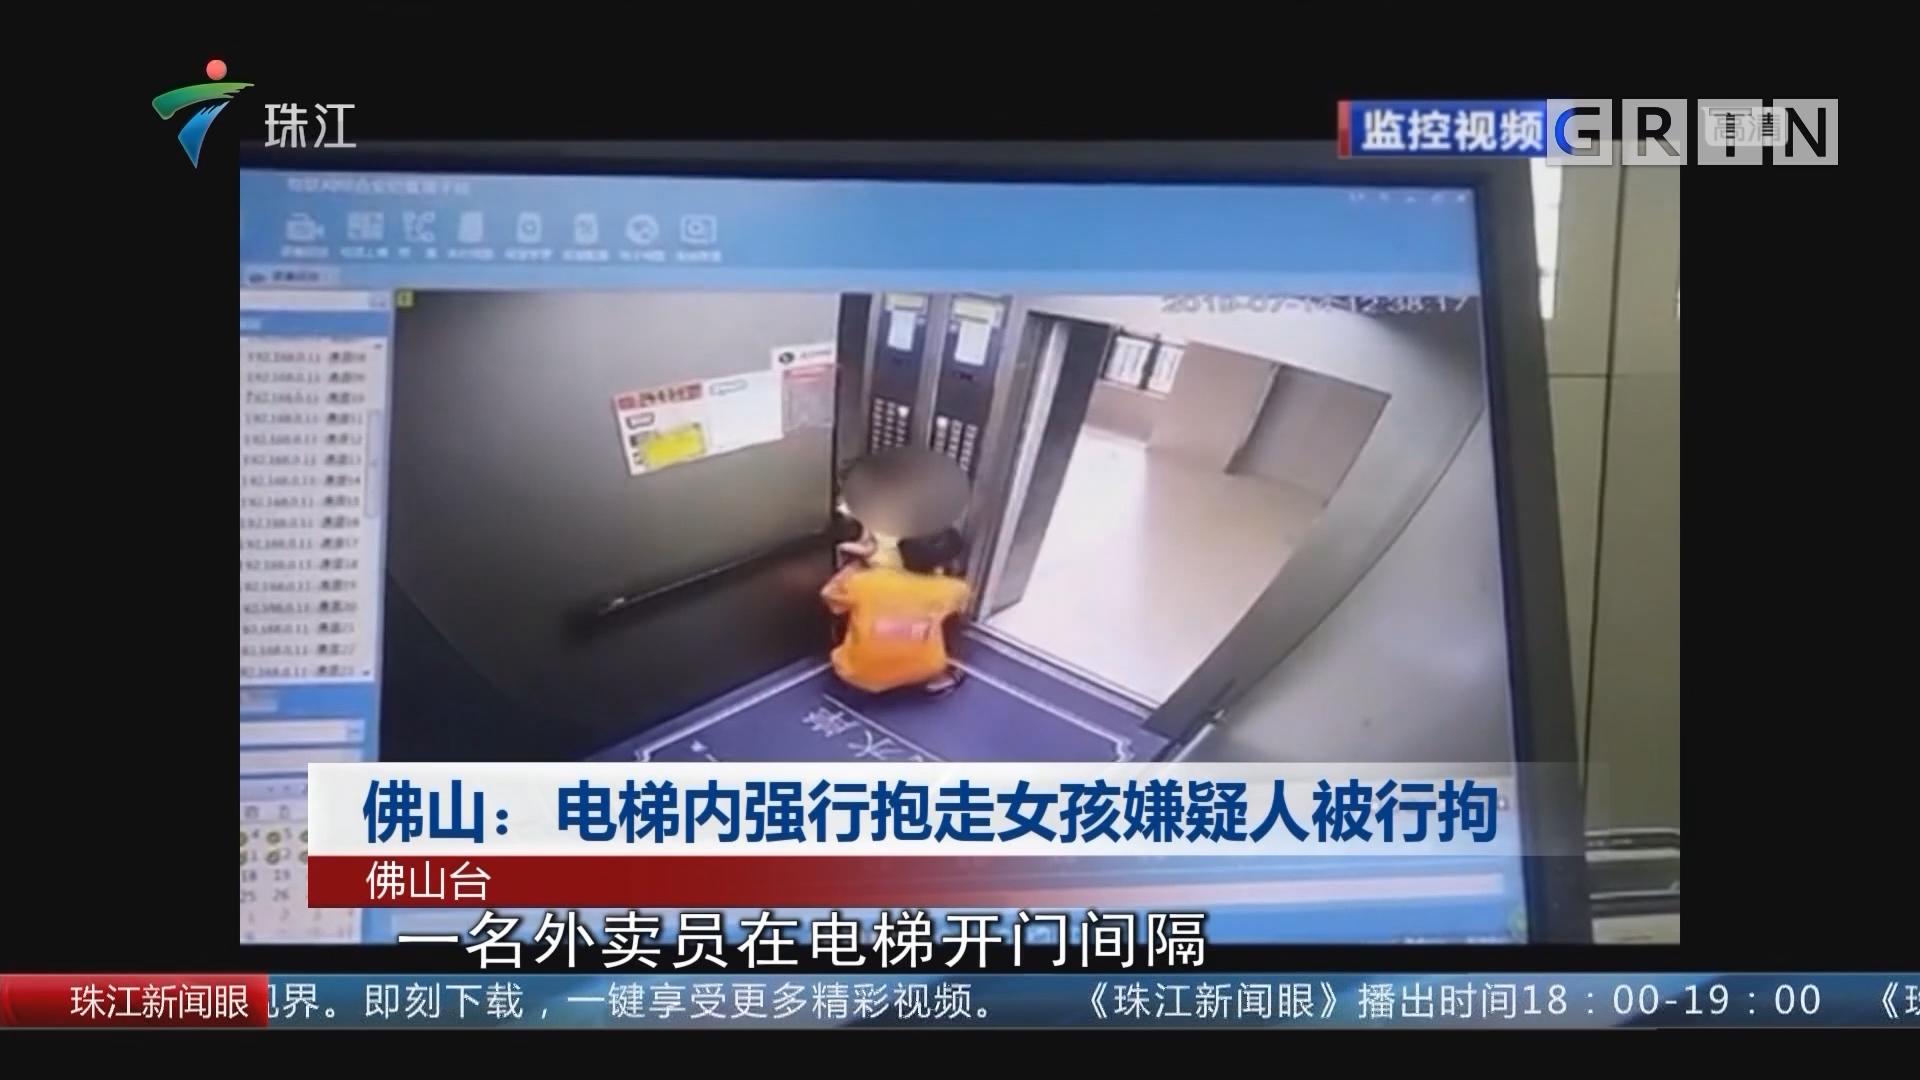 佛山:电梯内强行抱走女孩嫌疑人被行拘